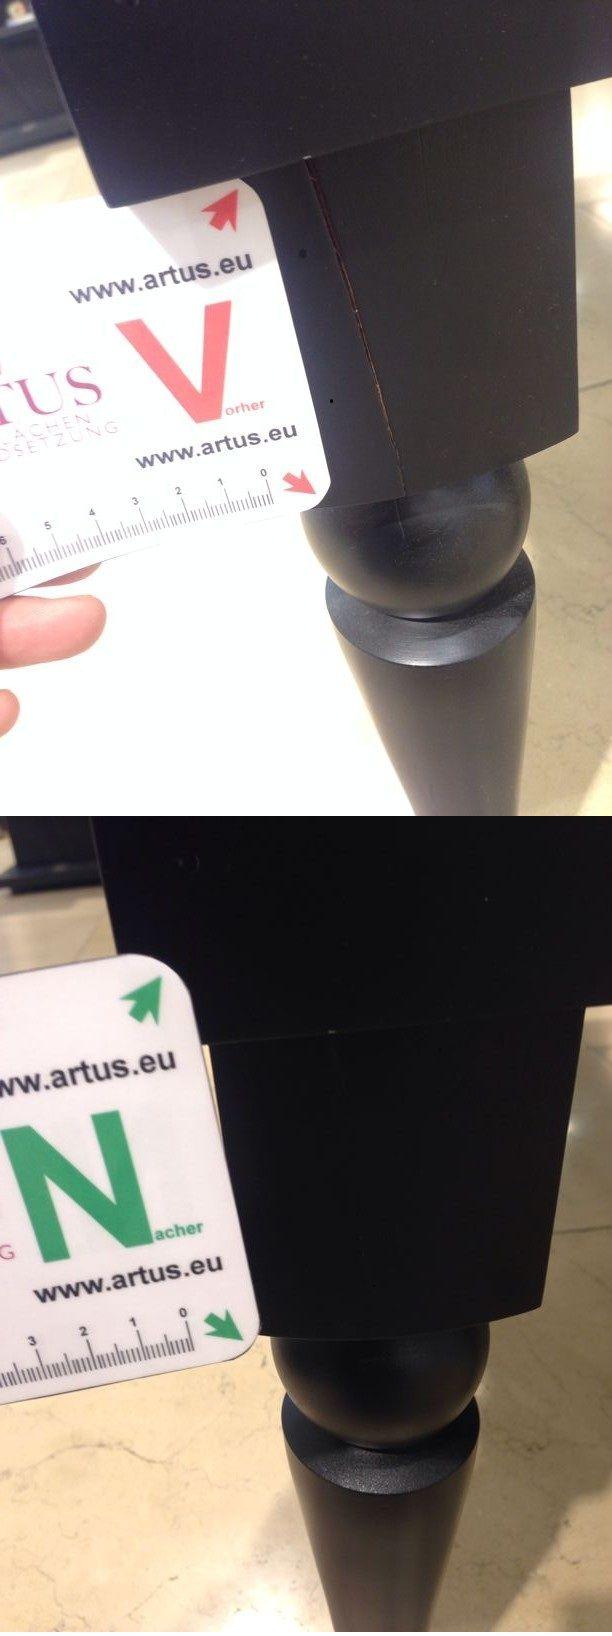 Great  Riss Instandsetzung Reparatur Beschaedigung Schaden Sanierung Reklamation Oberflaeche